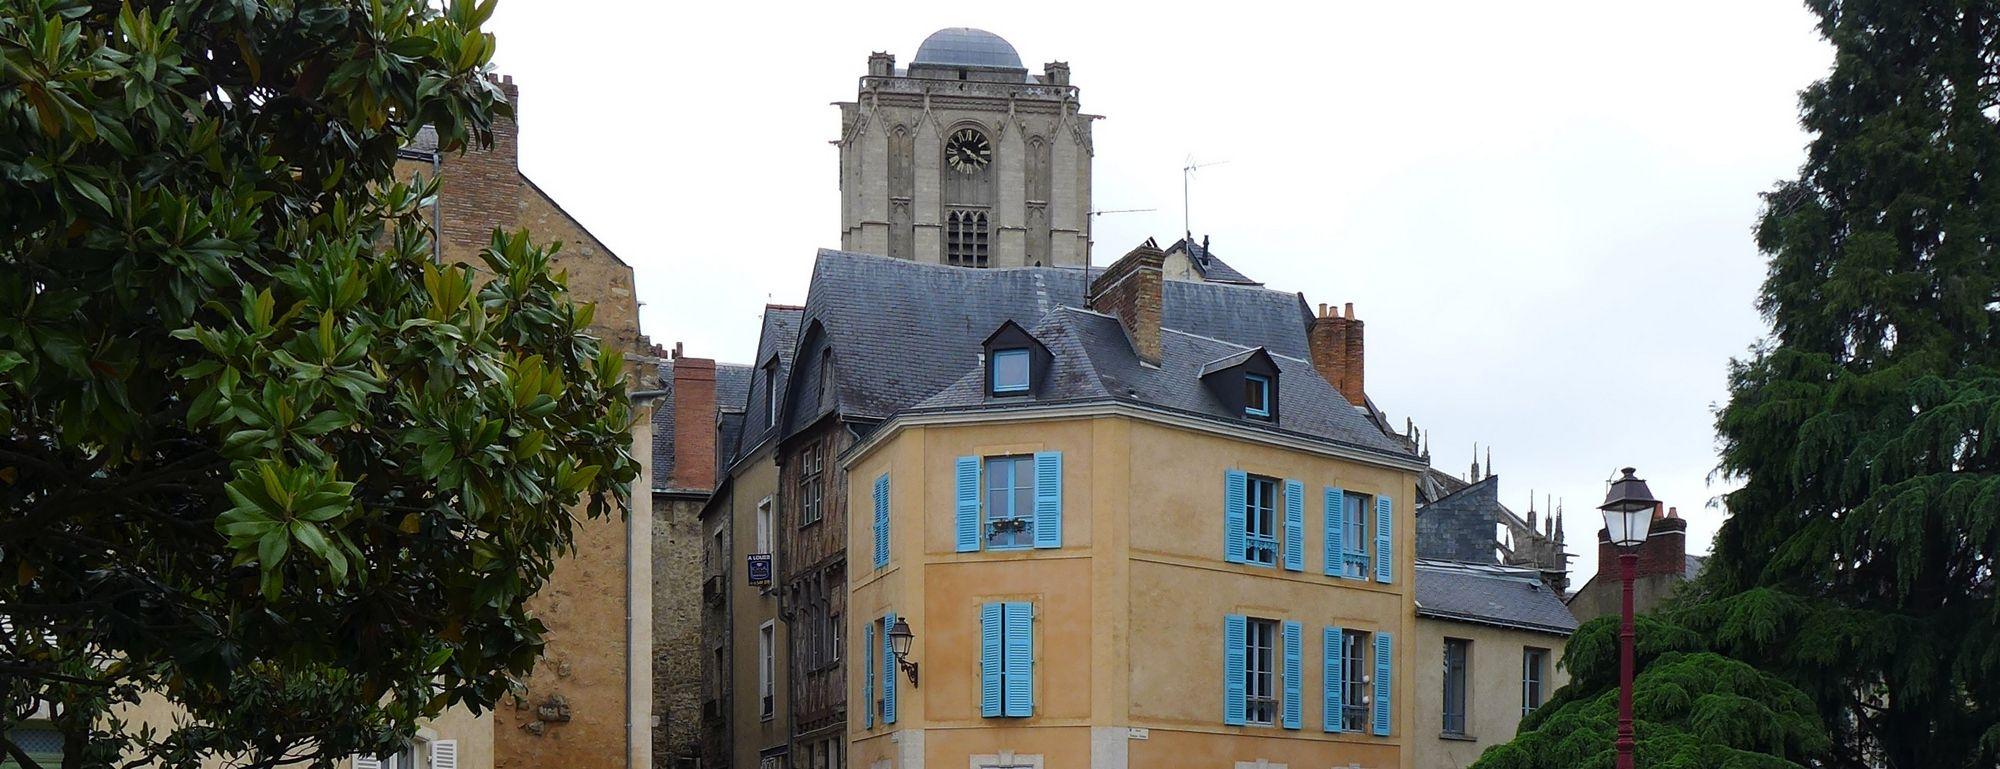 le vieux Mans, du square Dubois vers Saint-Julien